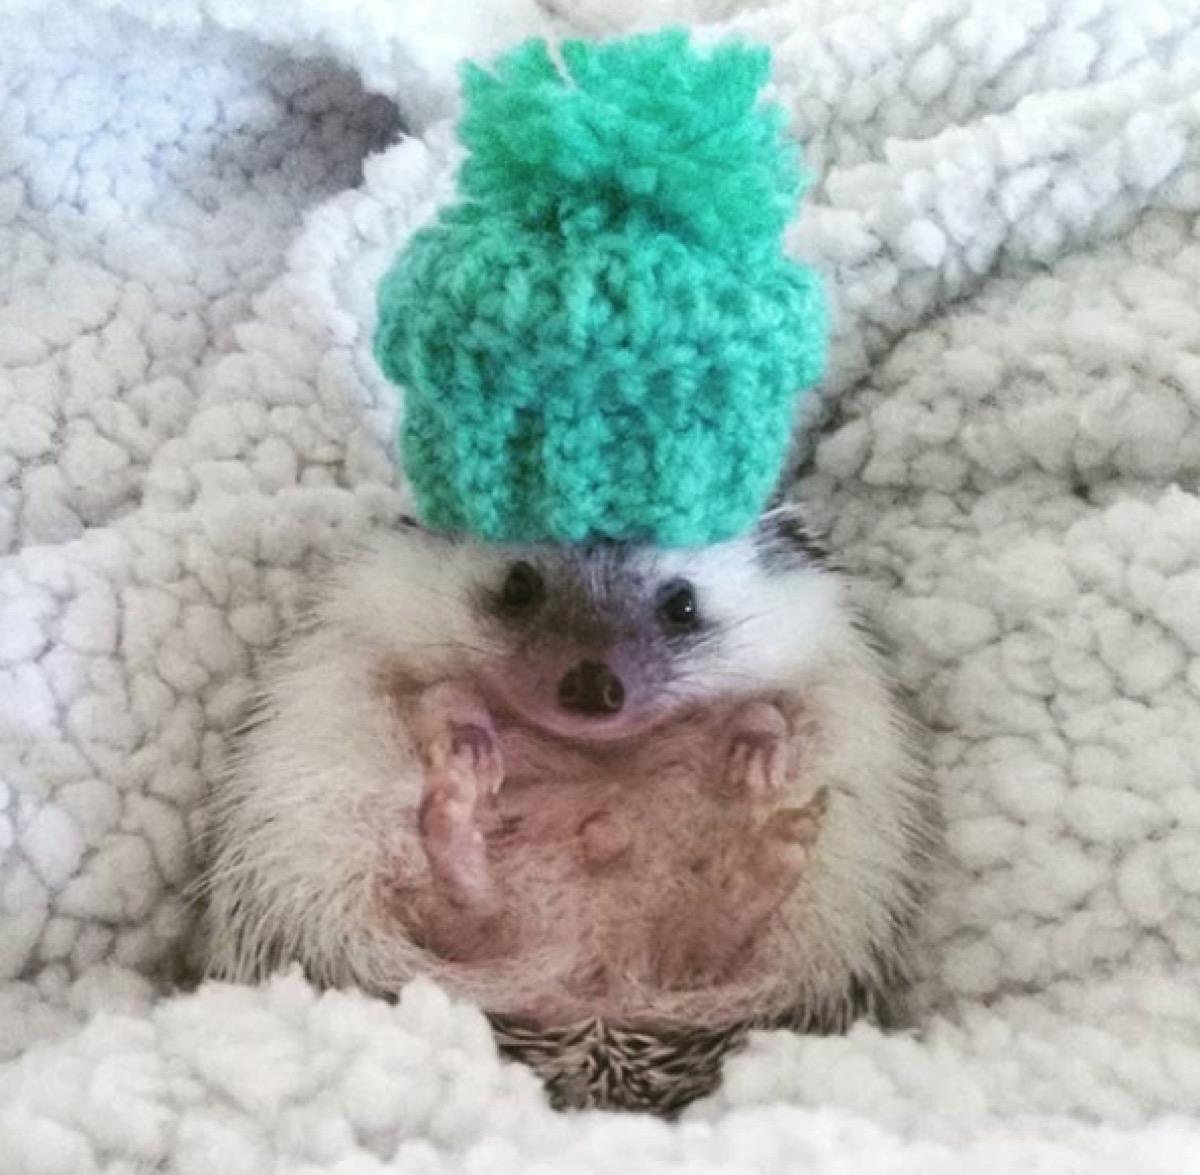 Wilbur the Hedgehog Animal Stories 2018